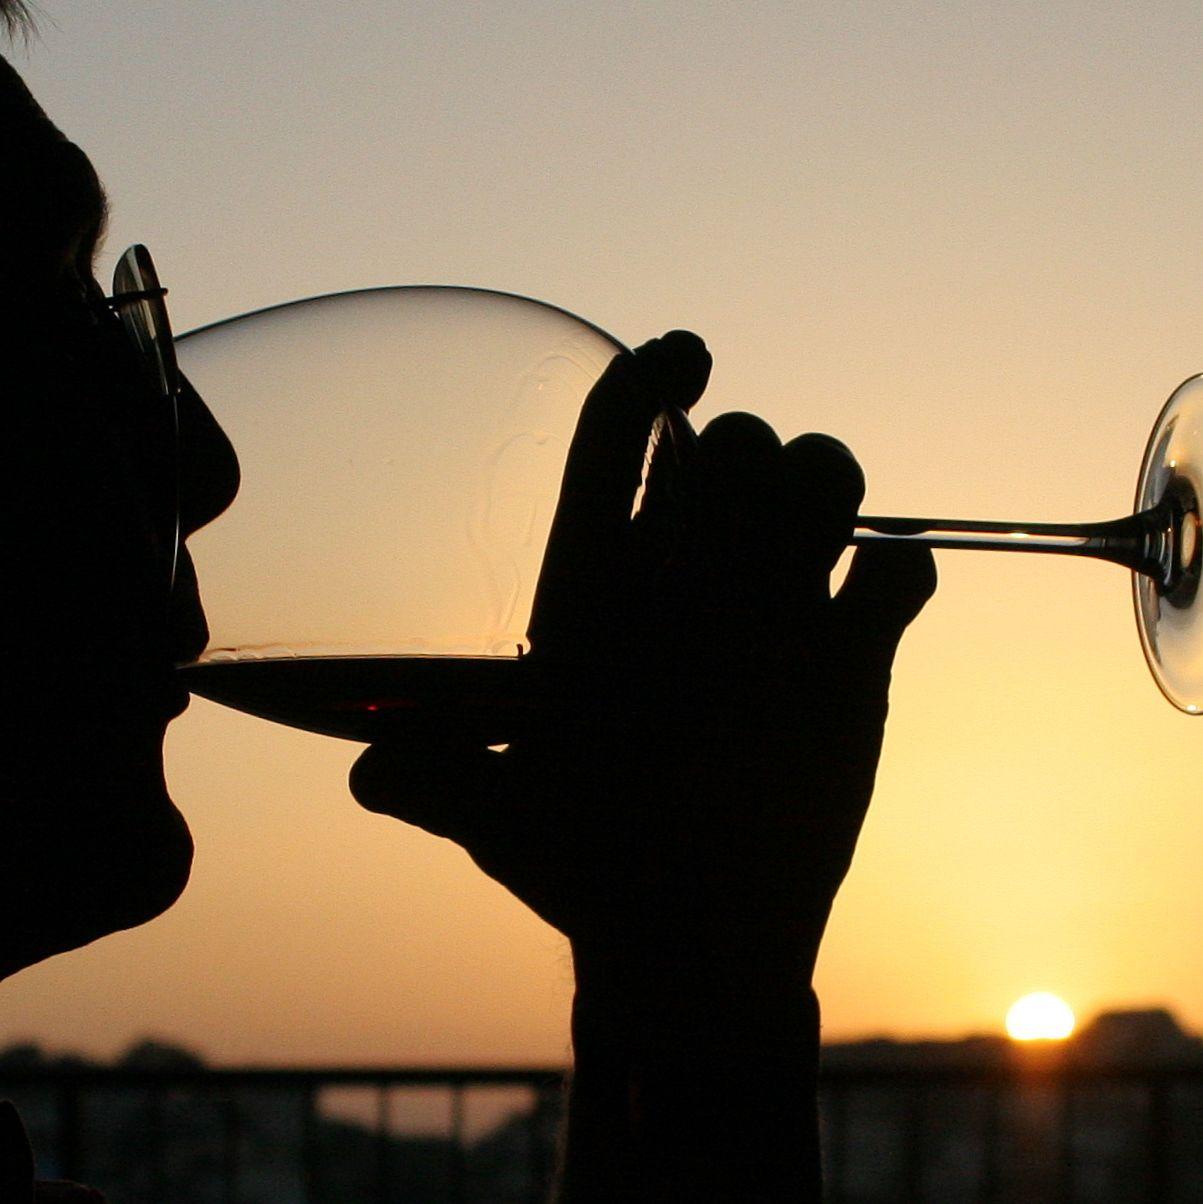 Ces alcooliques qui parviennent à faire illusion... Comment les détecter, comment les aider